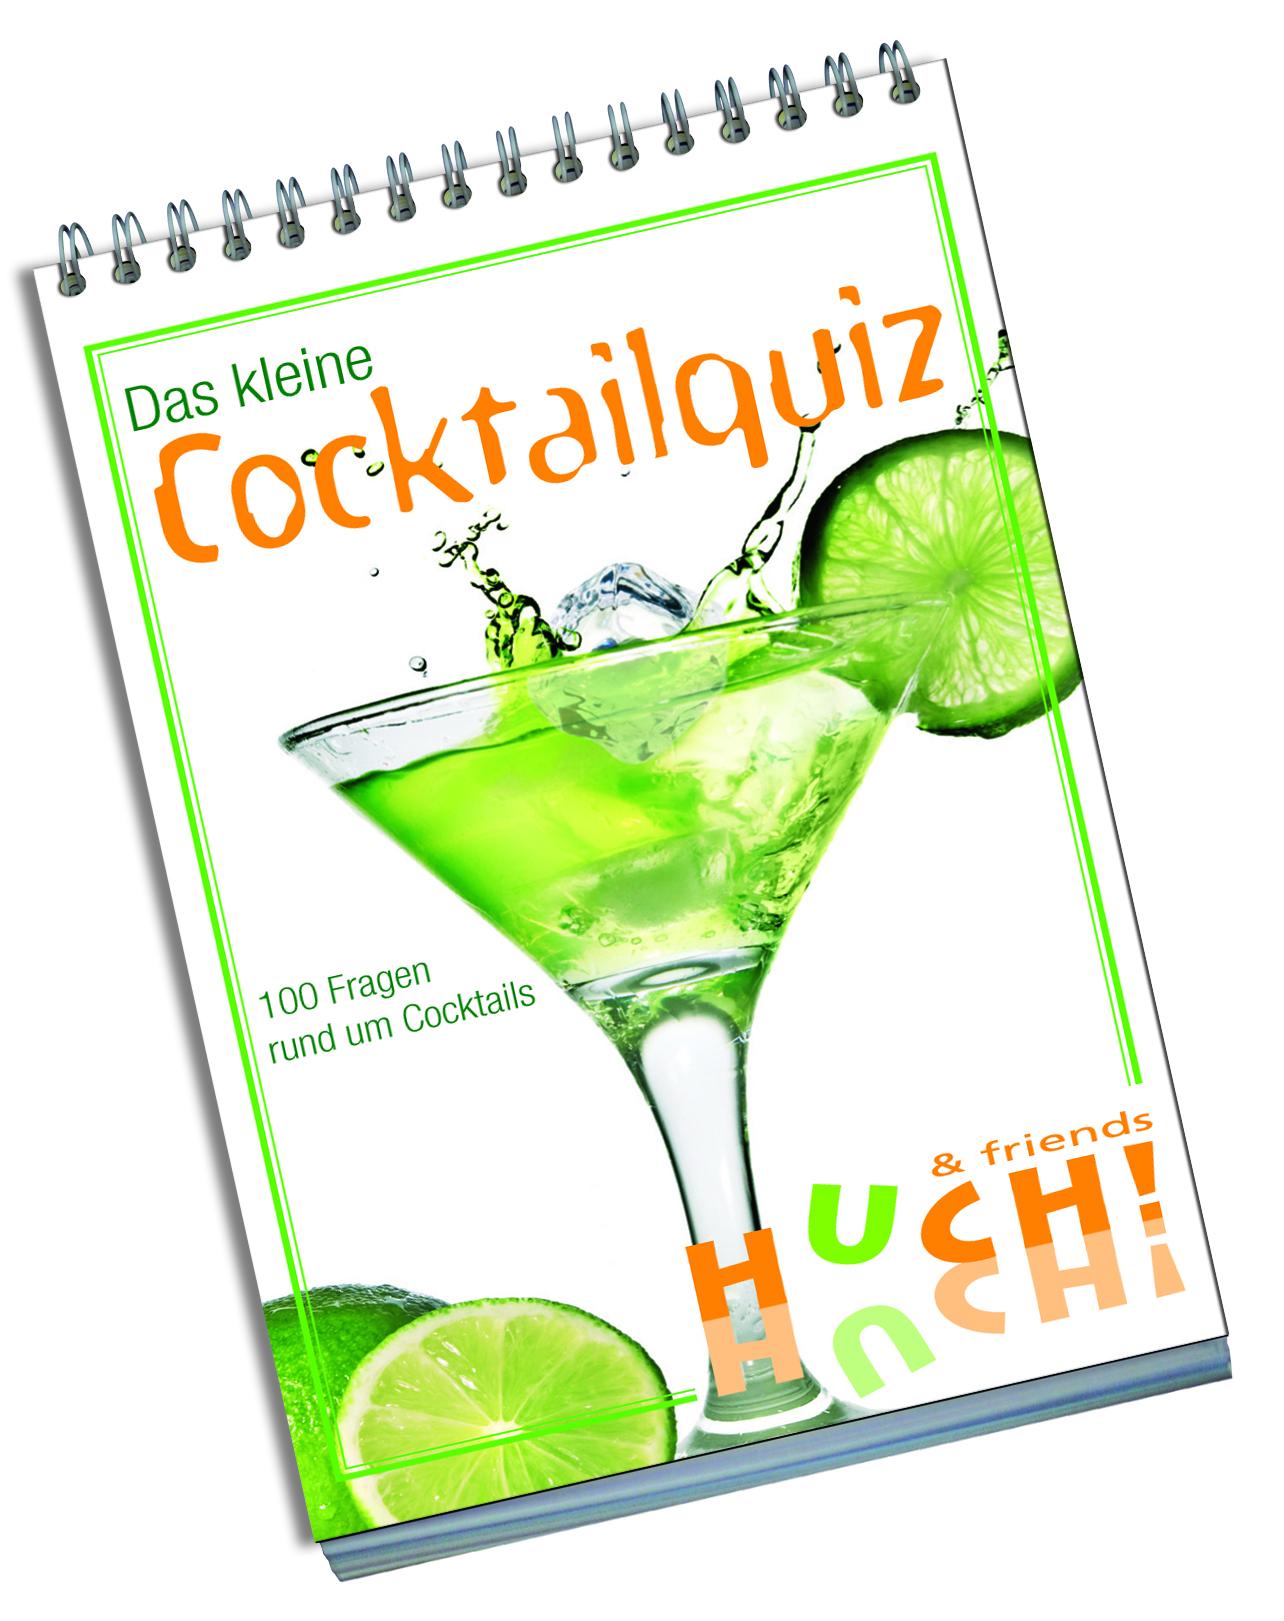 Das kleine Cocktailquiz